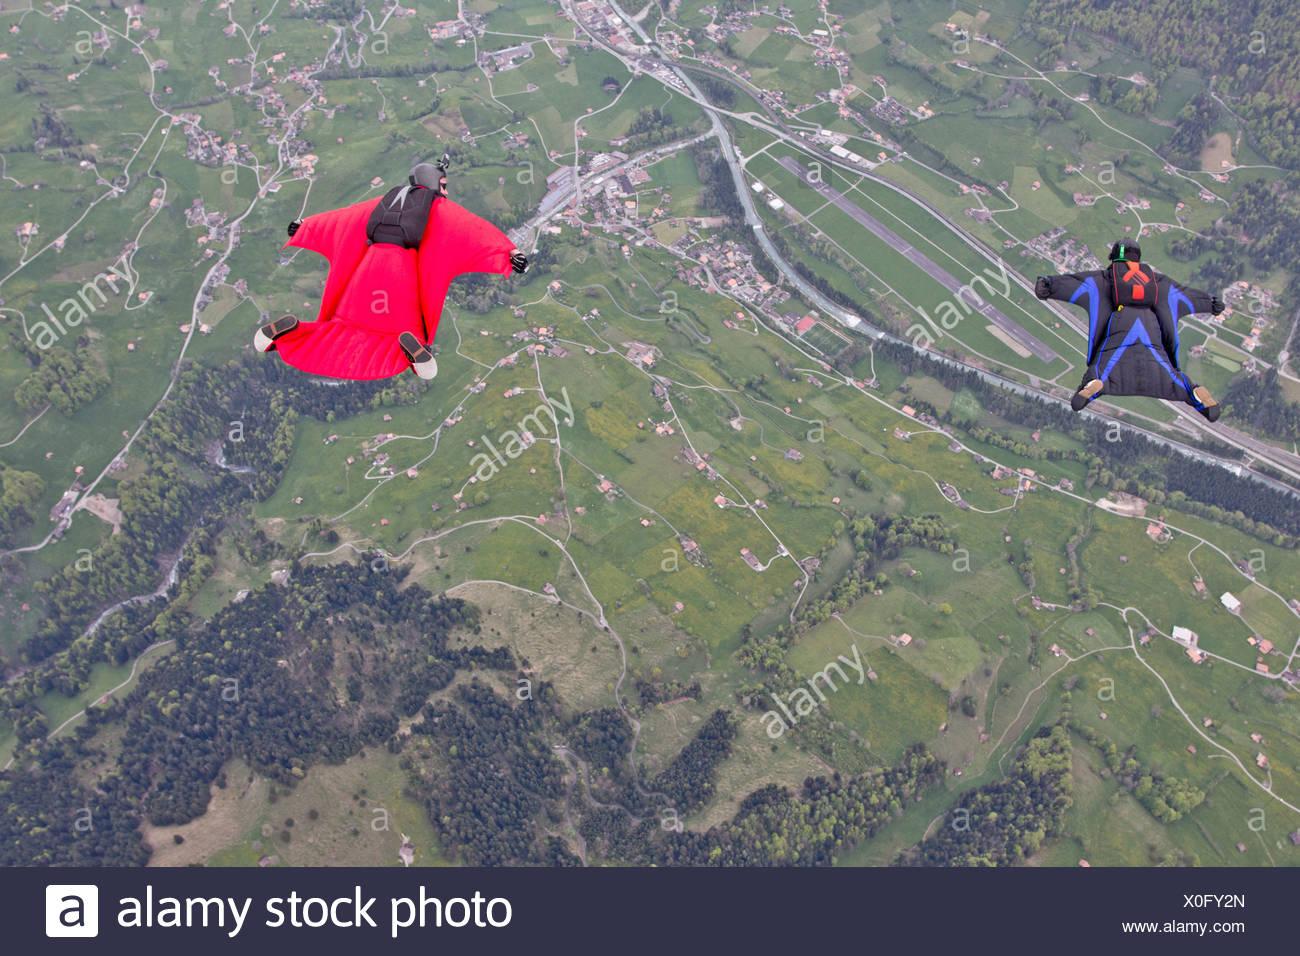 Zwei Männer, die über Felder in Wingsuits fliegen Stockbild